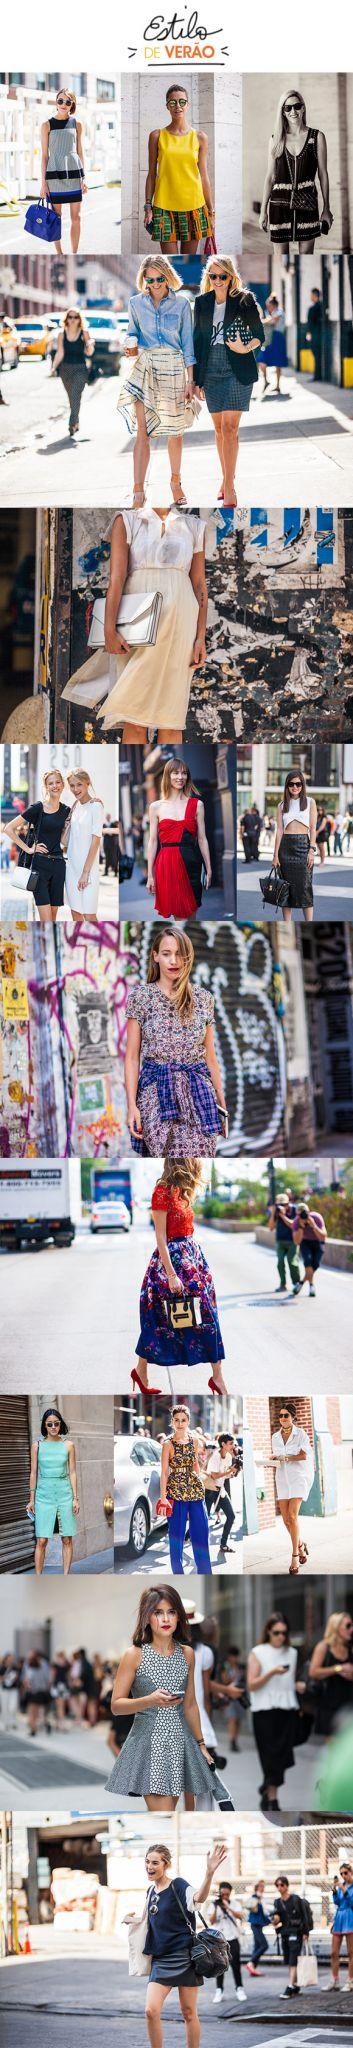 Achados da Bia | Moda | Looks verão | NYC | Drielly S.